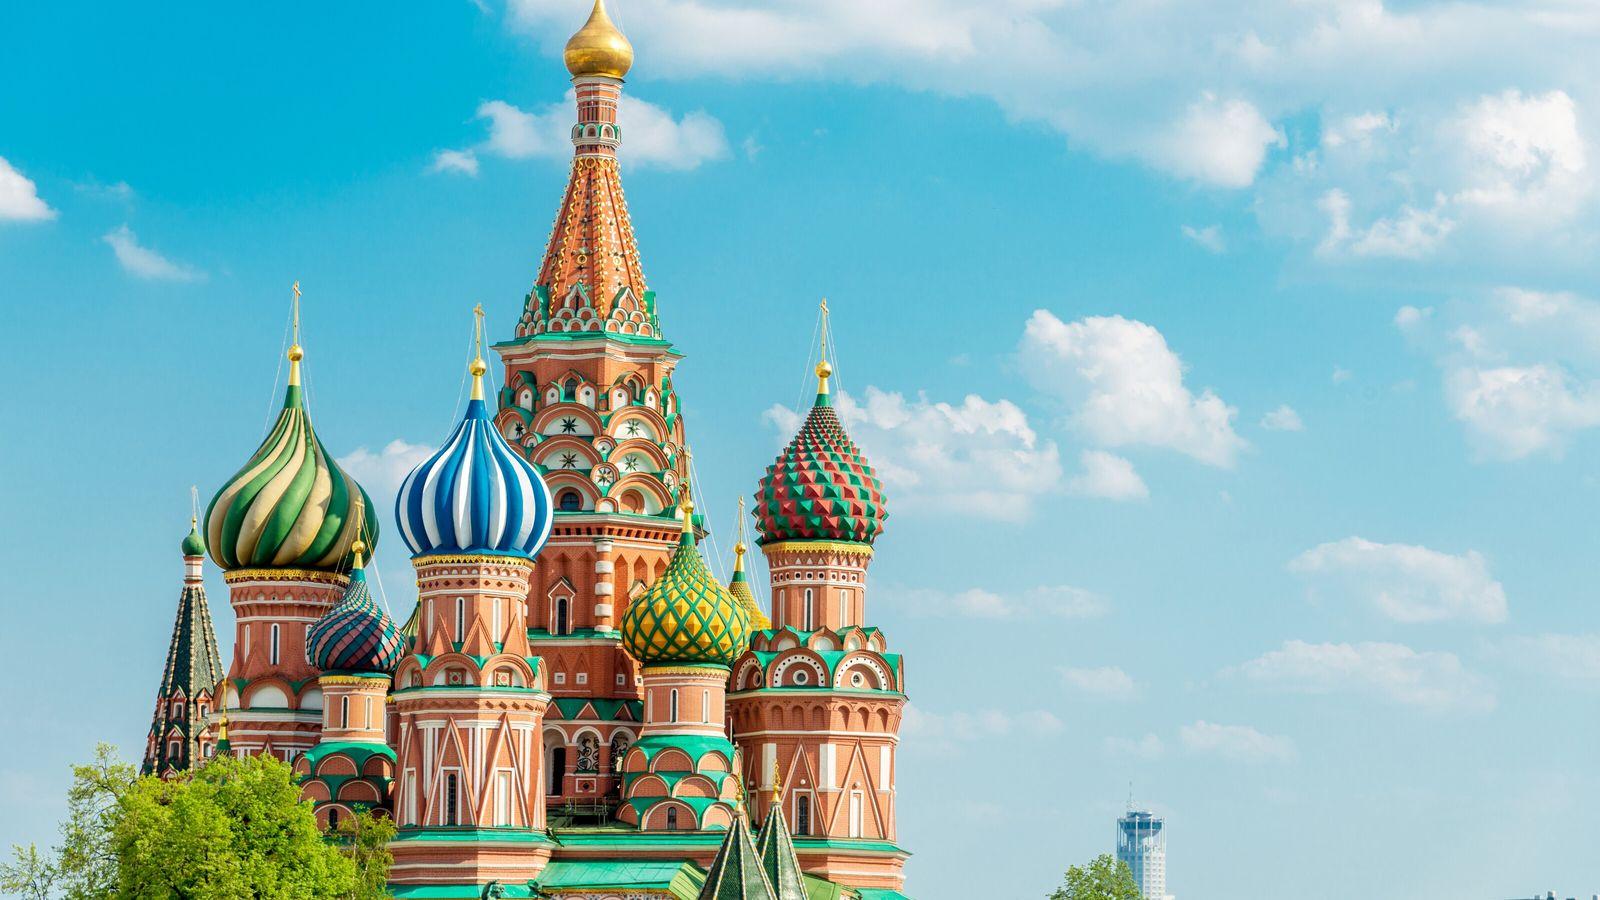 La cathédrale de l'Intercession-de-la-Vierge, aussi appelée cathédrale Basile-le-Bienheureux ou Saint-Basile, se trouve sur la place Rouge de Moscou.